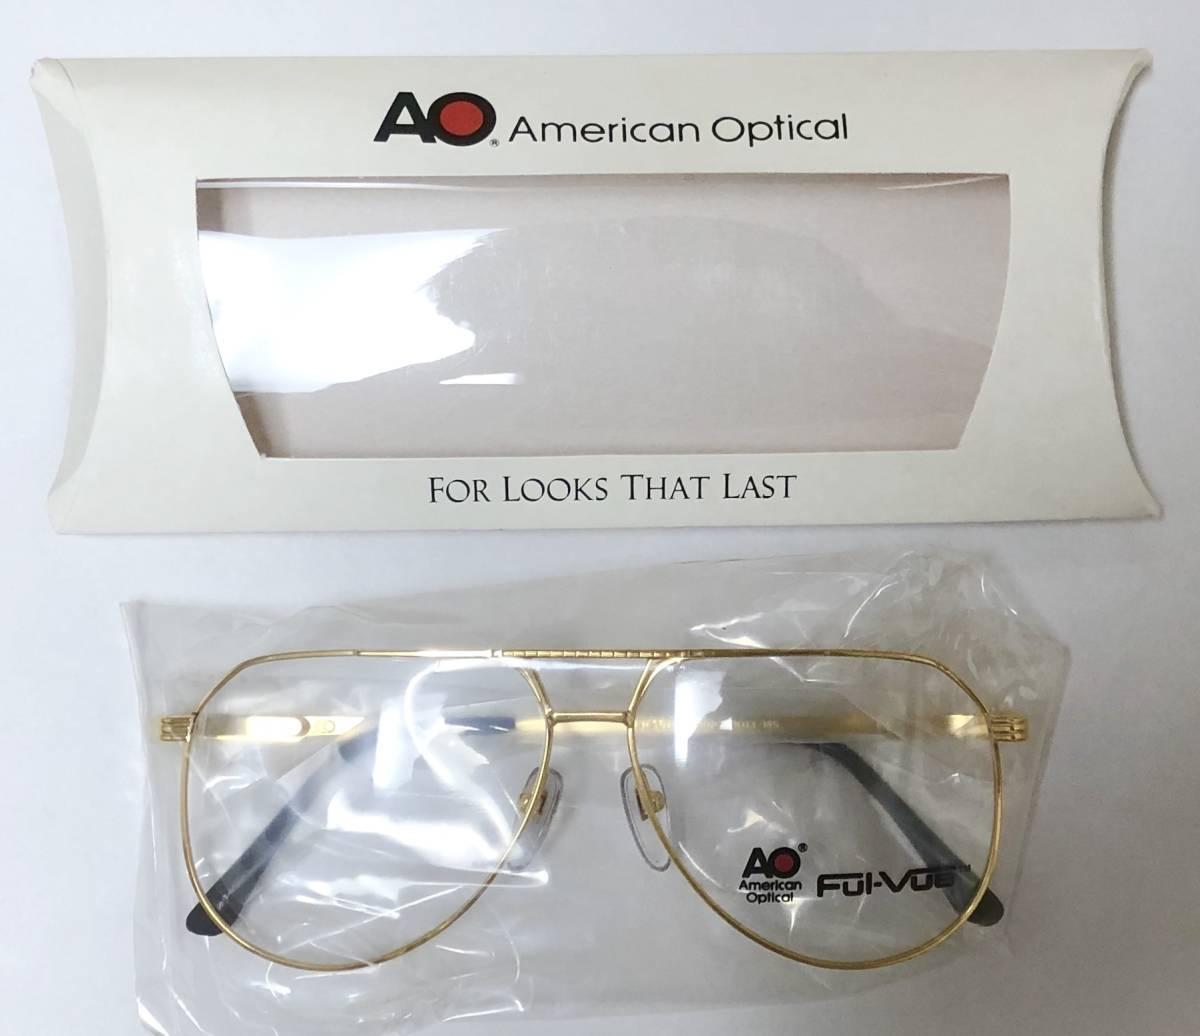 新品箱付】20K金 アメリカンオプティカル 1980年代 AO American Optical Ful-Vue 米国メガネ (参考: Rodenstock好きにオススメ_画像9